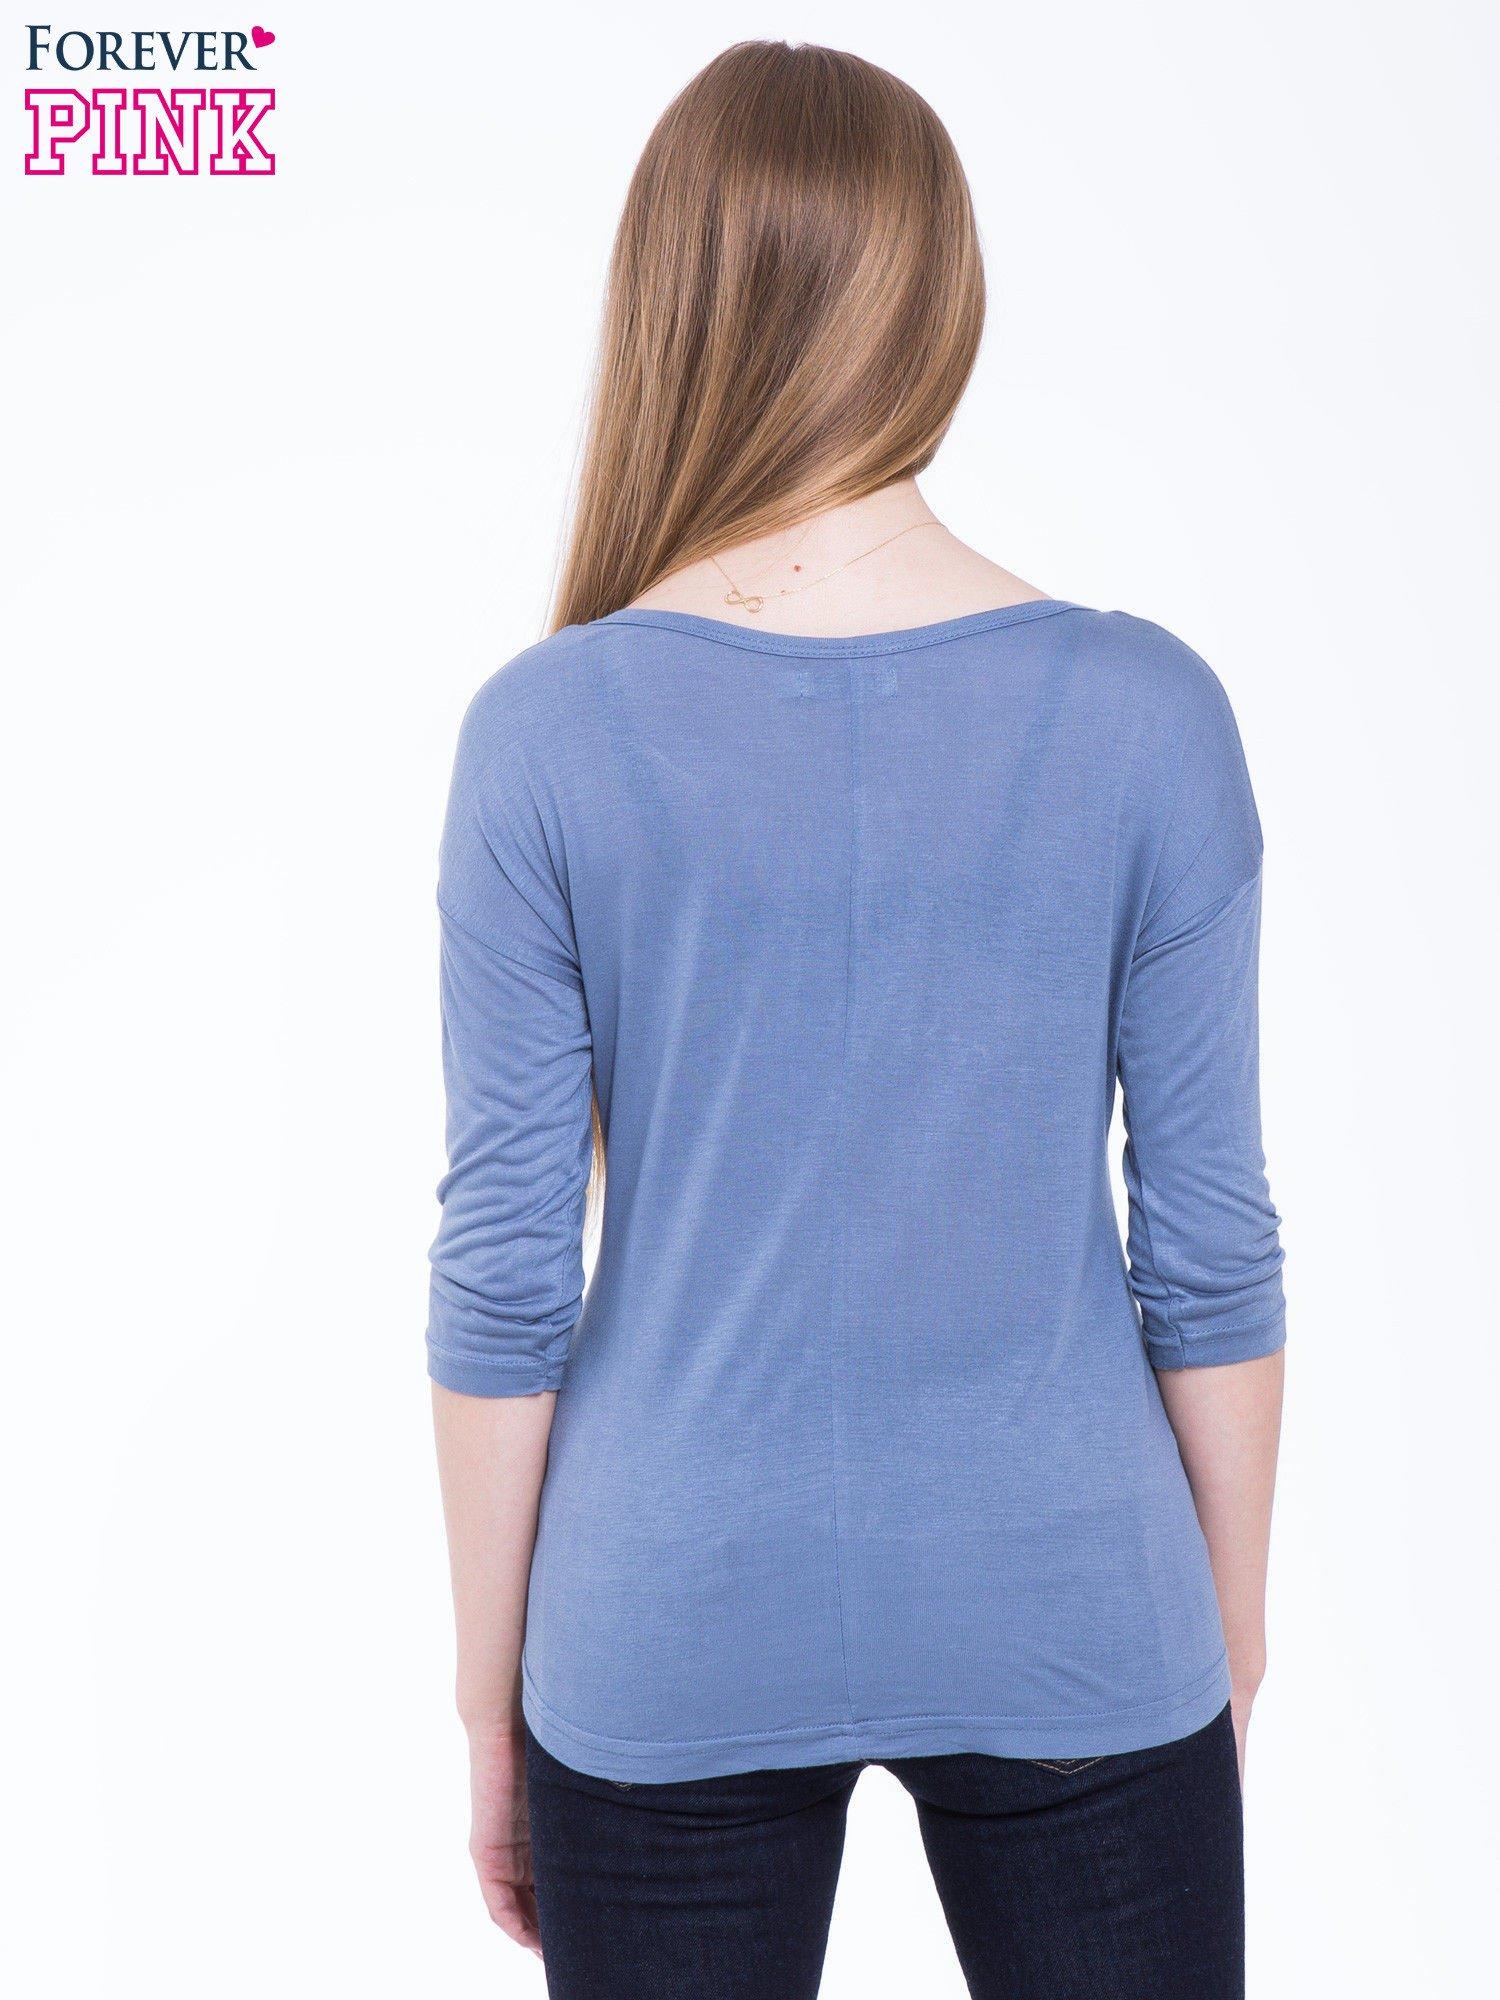 Niebieska bluzka z nadrukiem kota z efektem galaxy                                  zdj.                                  4